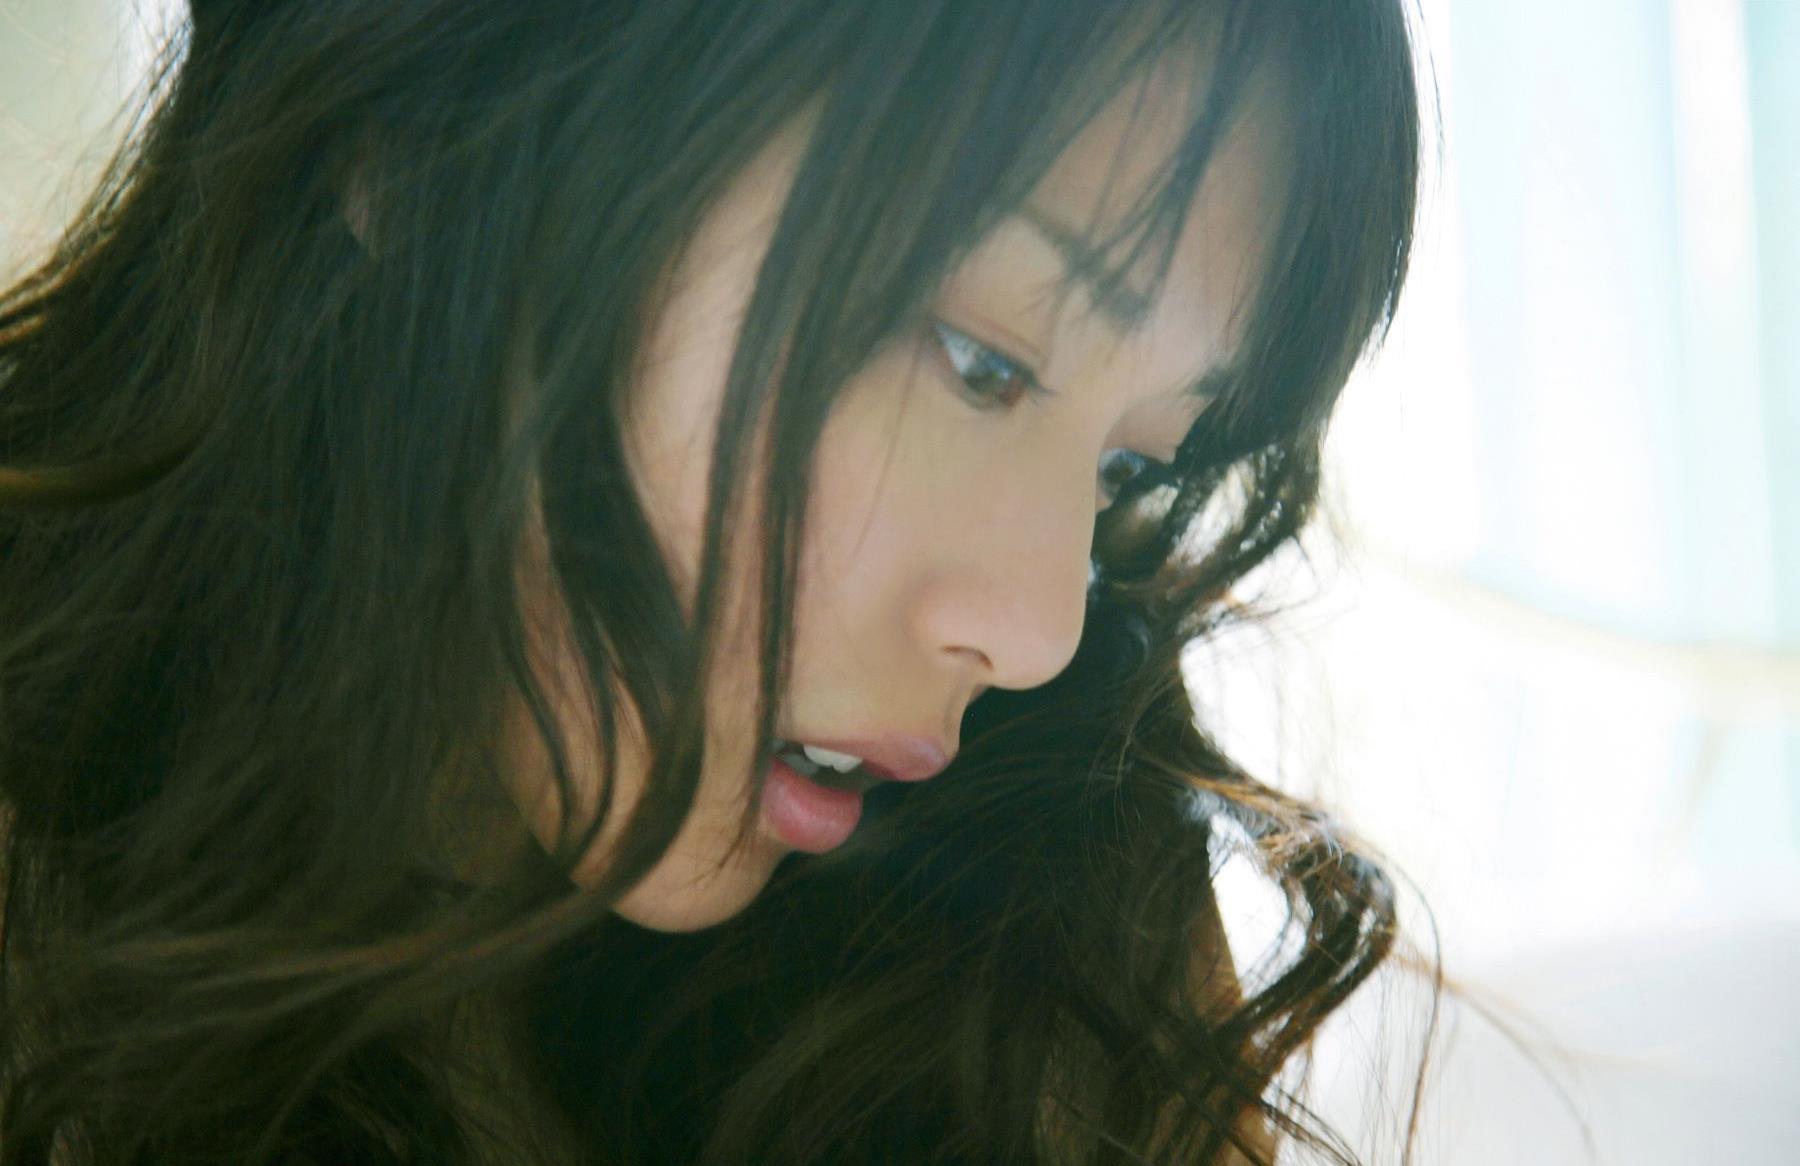 戸田恵梨香 エロ画像 60